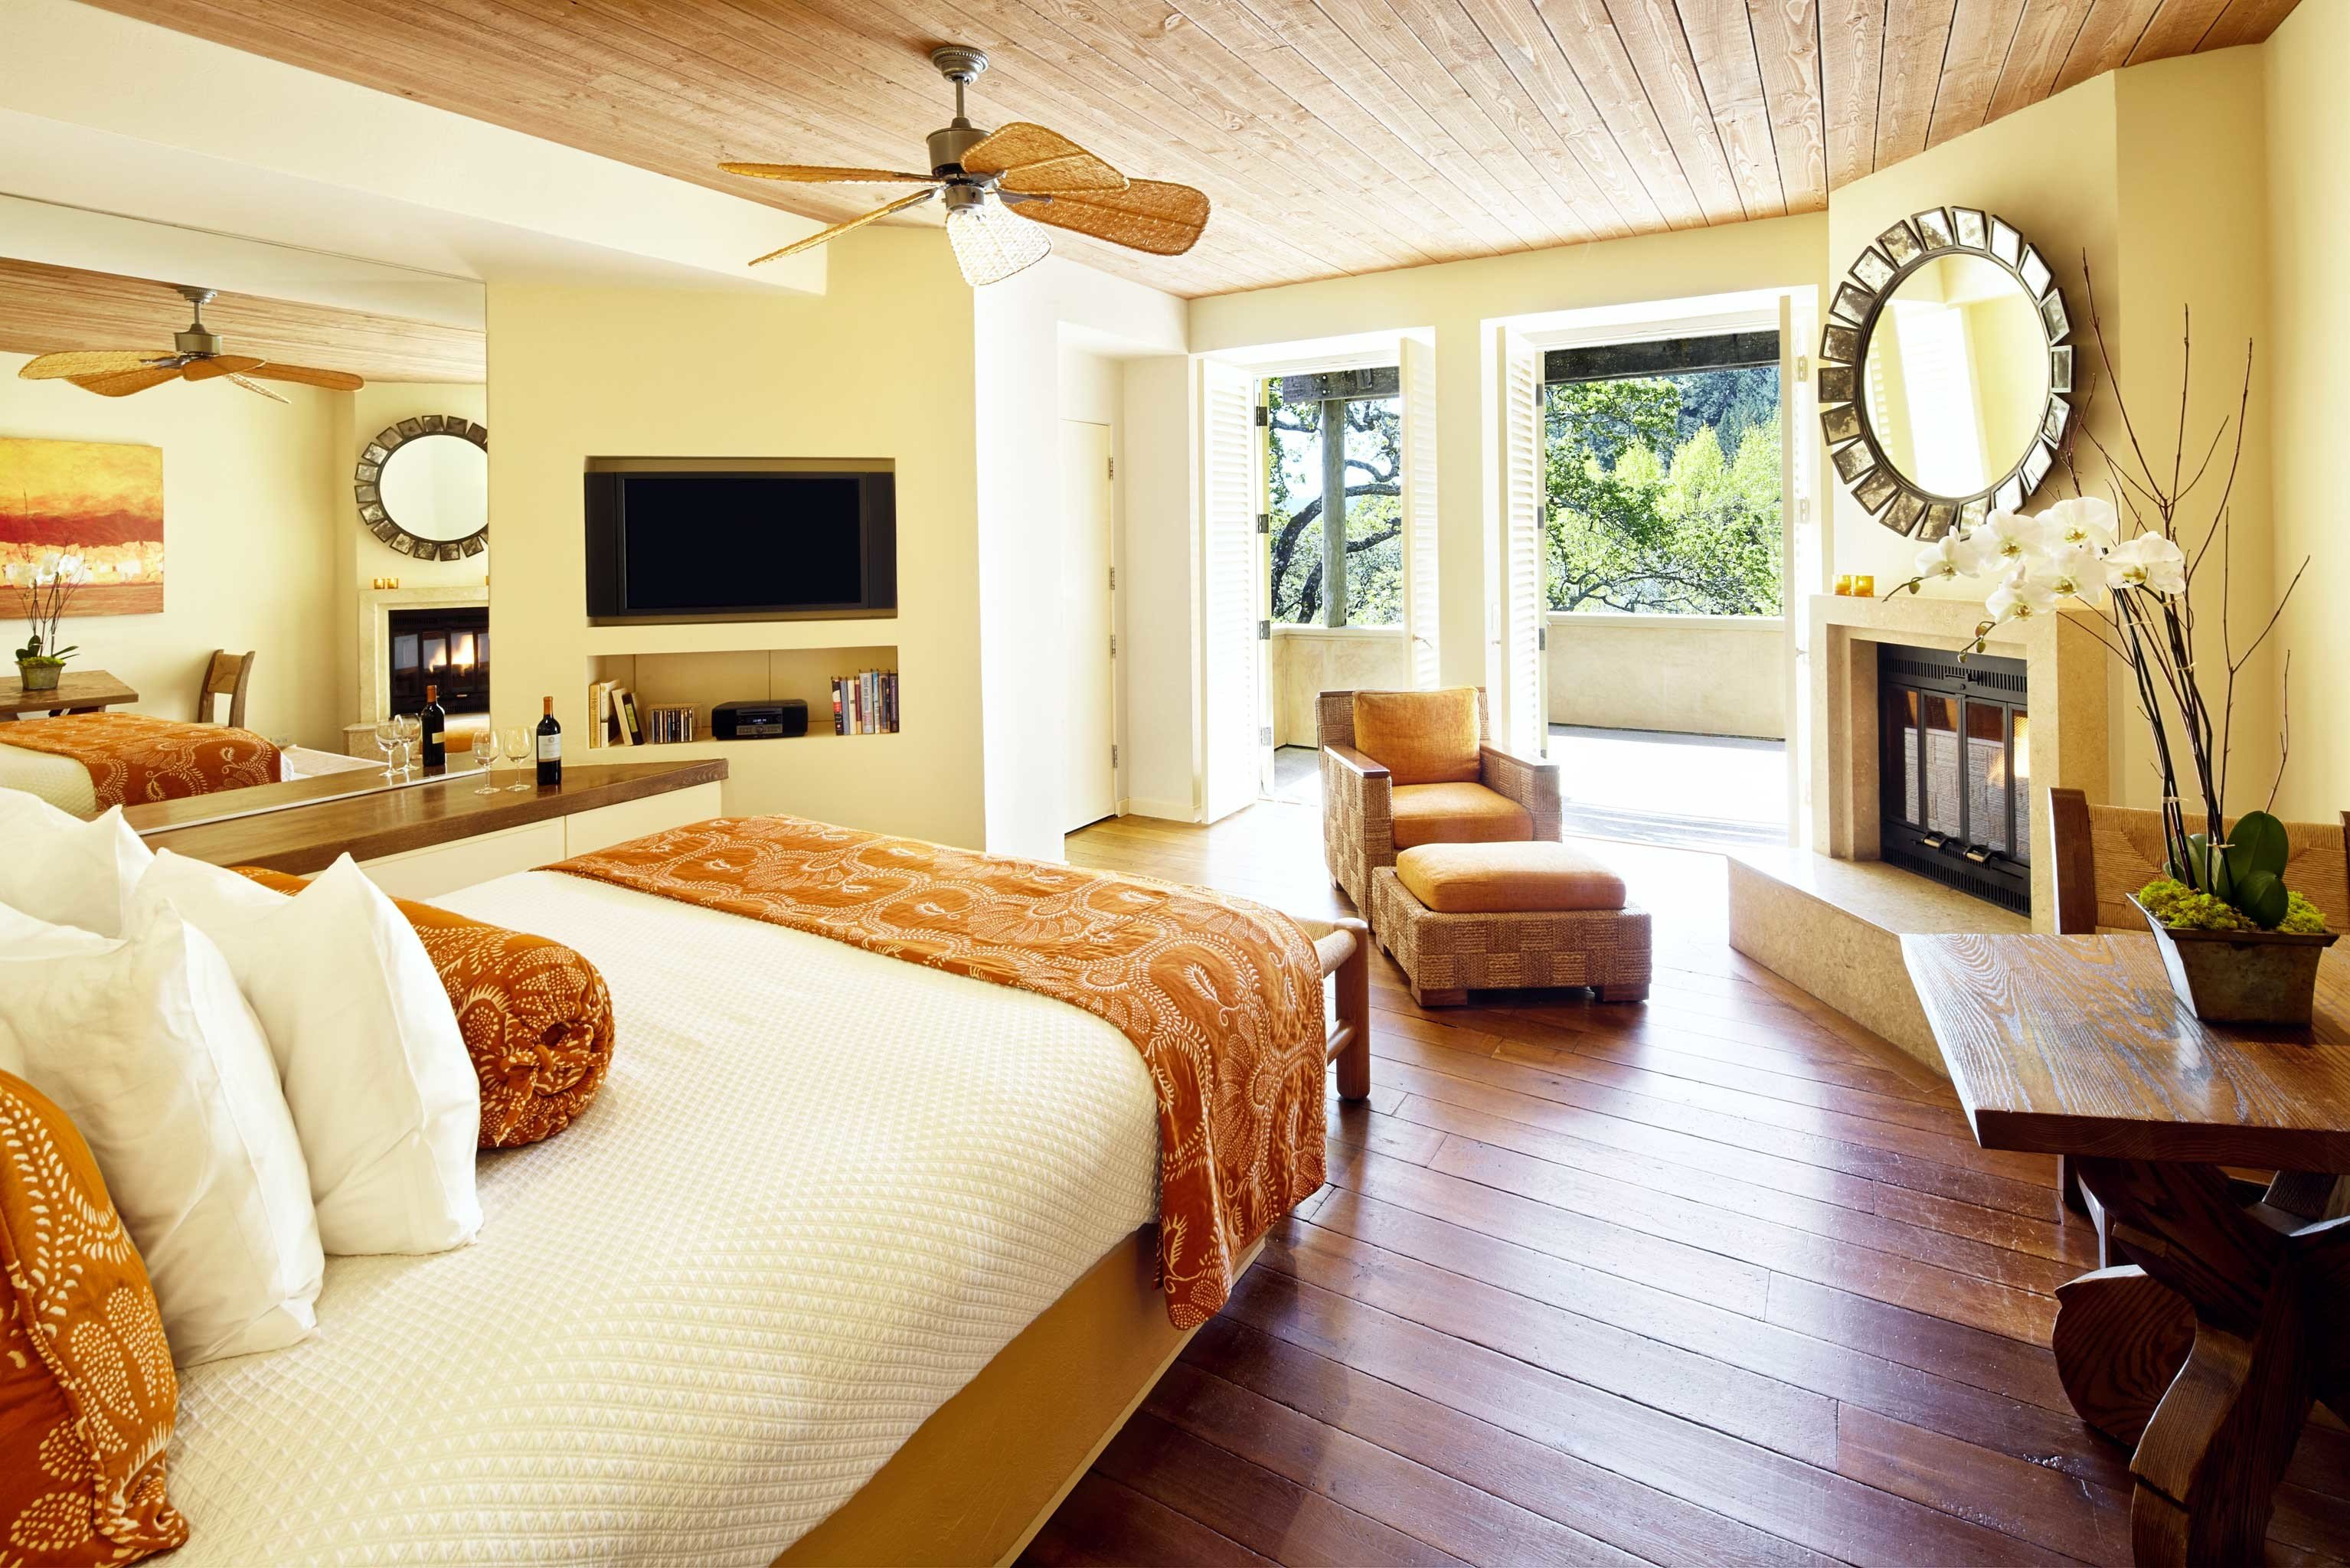 Bedroom Cultural Elegant Honeymoon Hotels Luxury Mountains Natural Wonders Outdoor Activities Outdoors Resort Romance Scenic